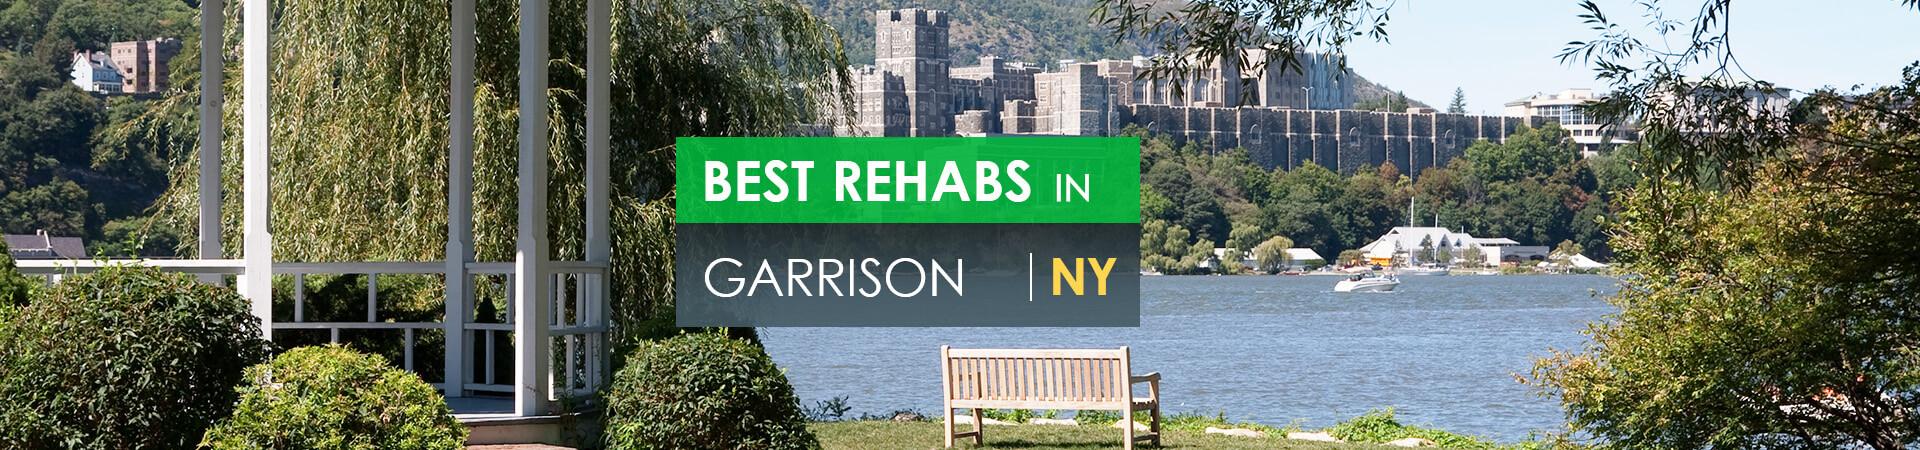 Best rehabs in Garrison, NY